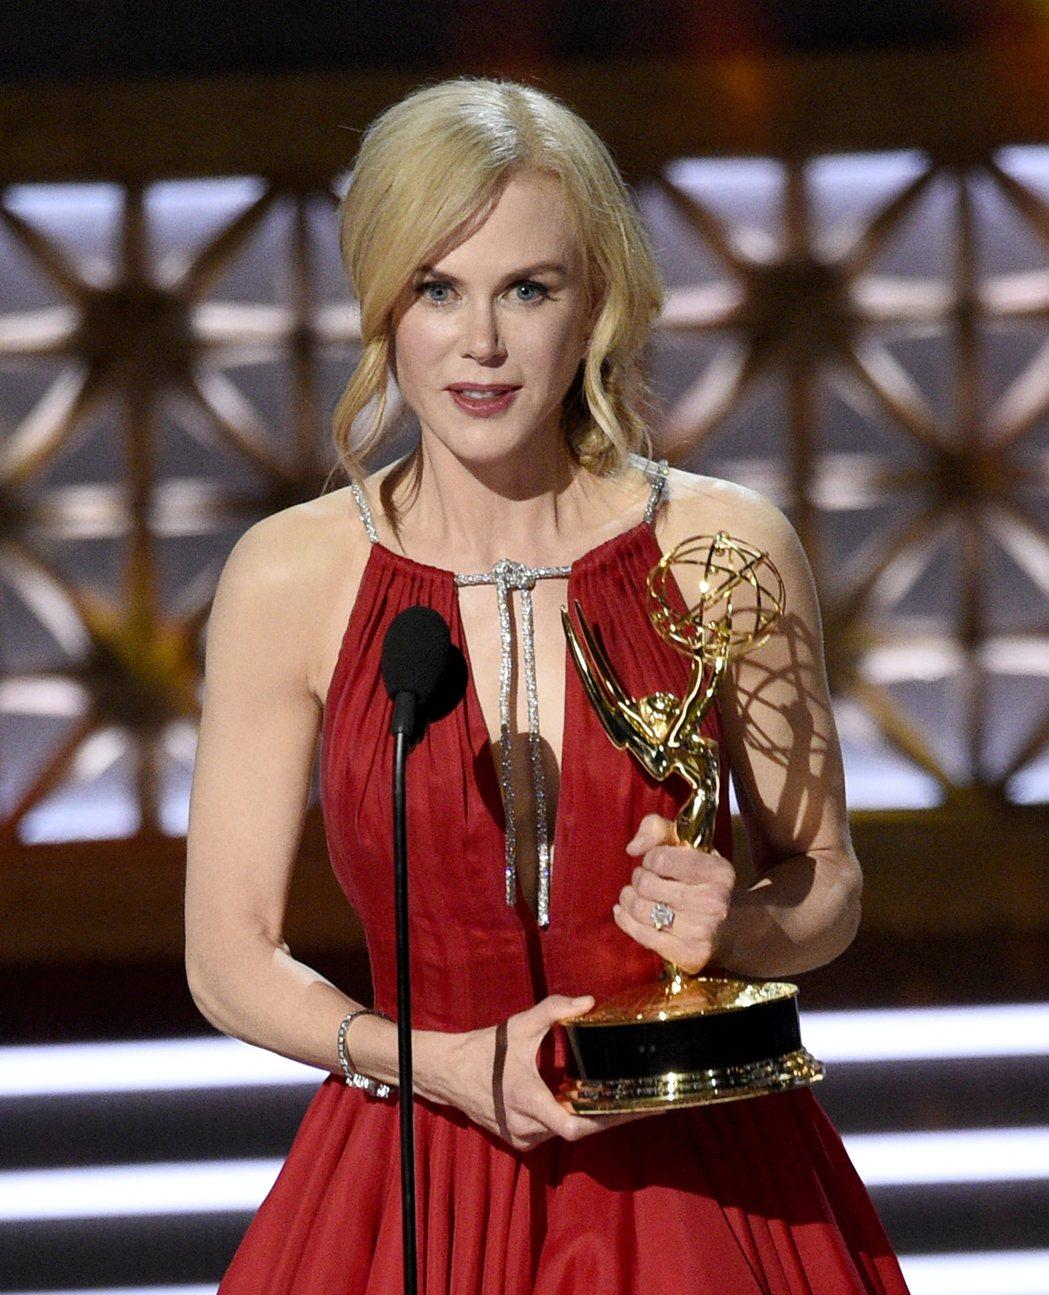 妮可基嫚以「美麗心計」獲得艾美獎迷你影集或電視電影最佳女主角。 圖/美聯社